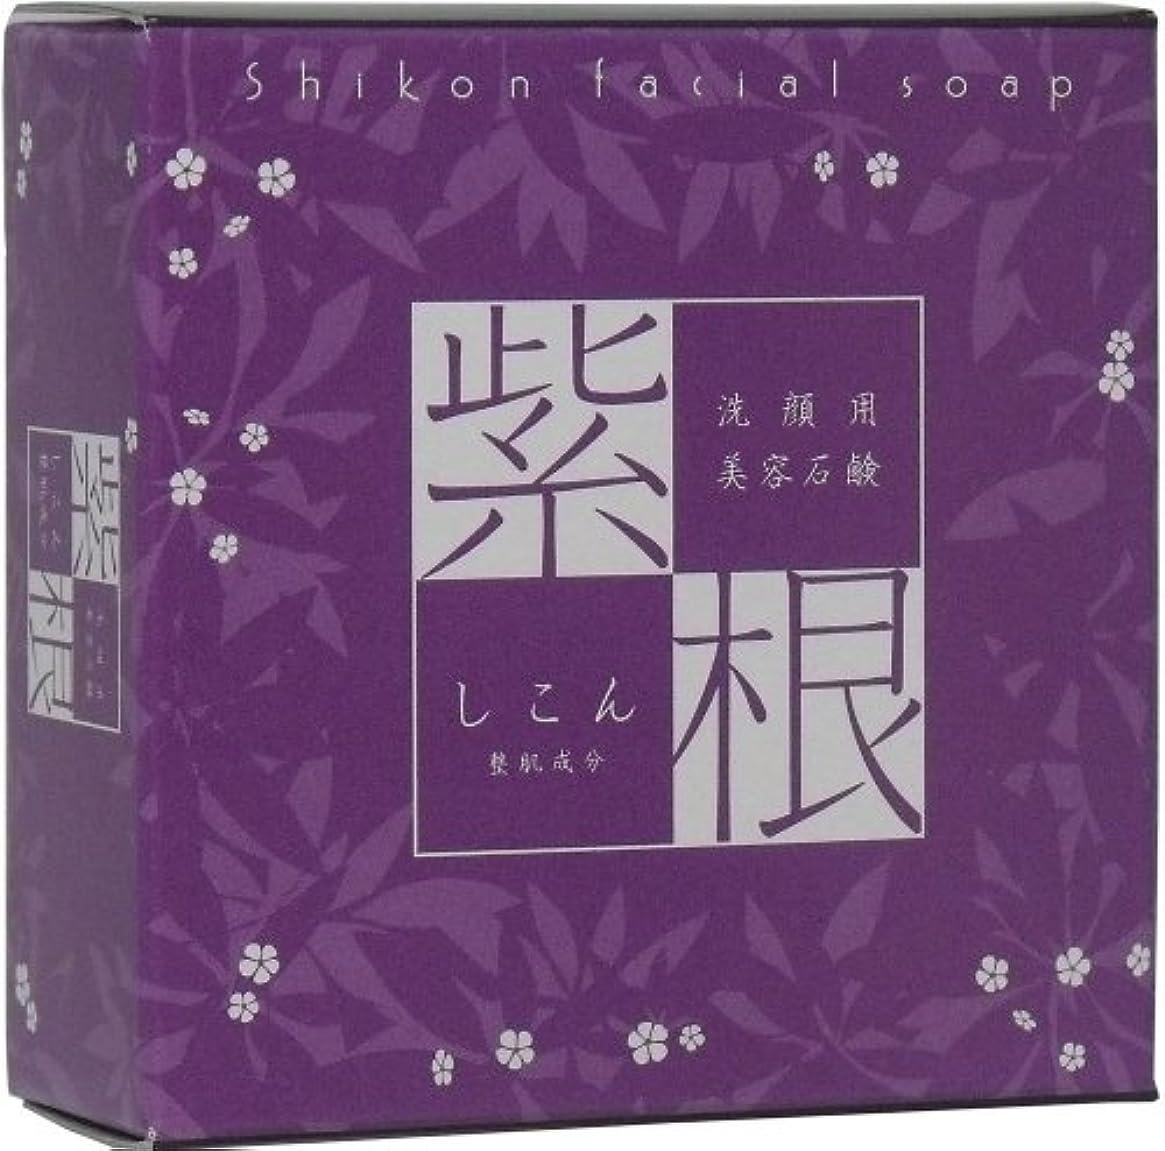 圧縮されたエール骨の折れる洗顔用 紫根石けん (泡立てネット付き) 100g ×10個セット